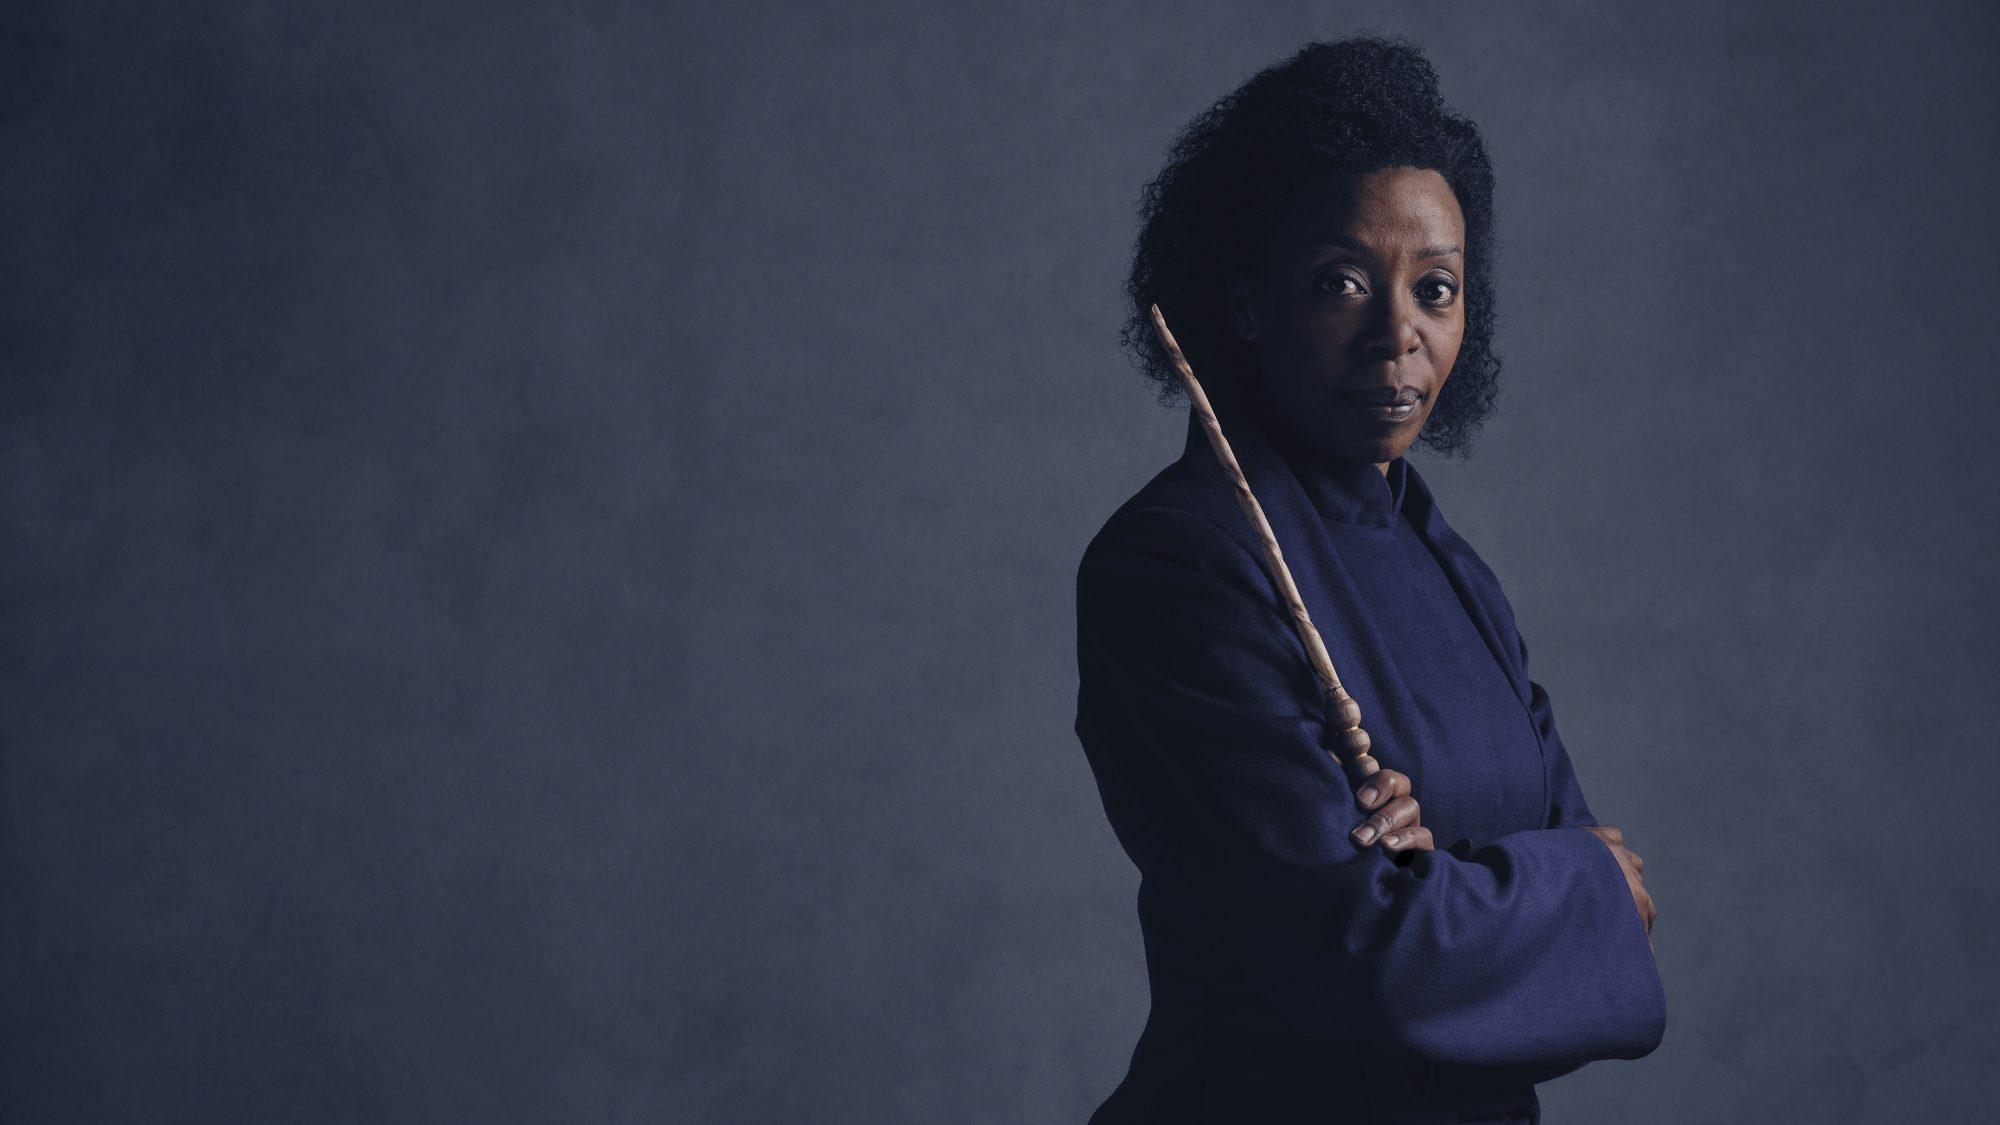 Hermione-Granger-Noma-Dumezweni-photo-by-Charlie-Gray_0.jpg